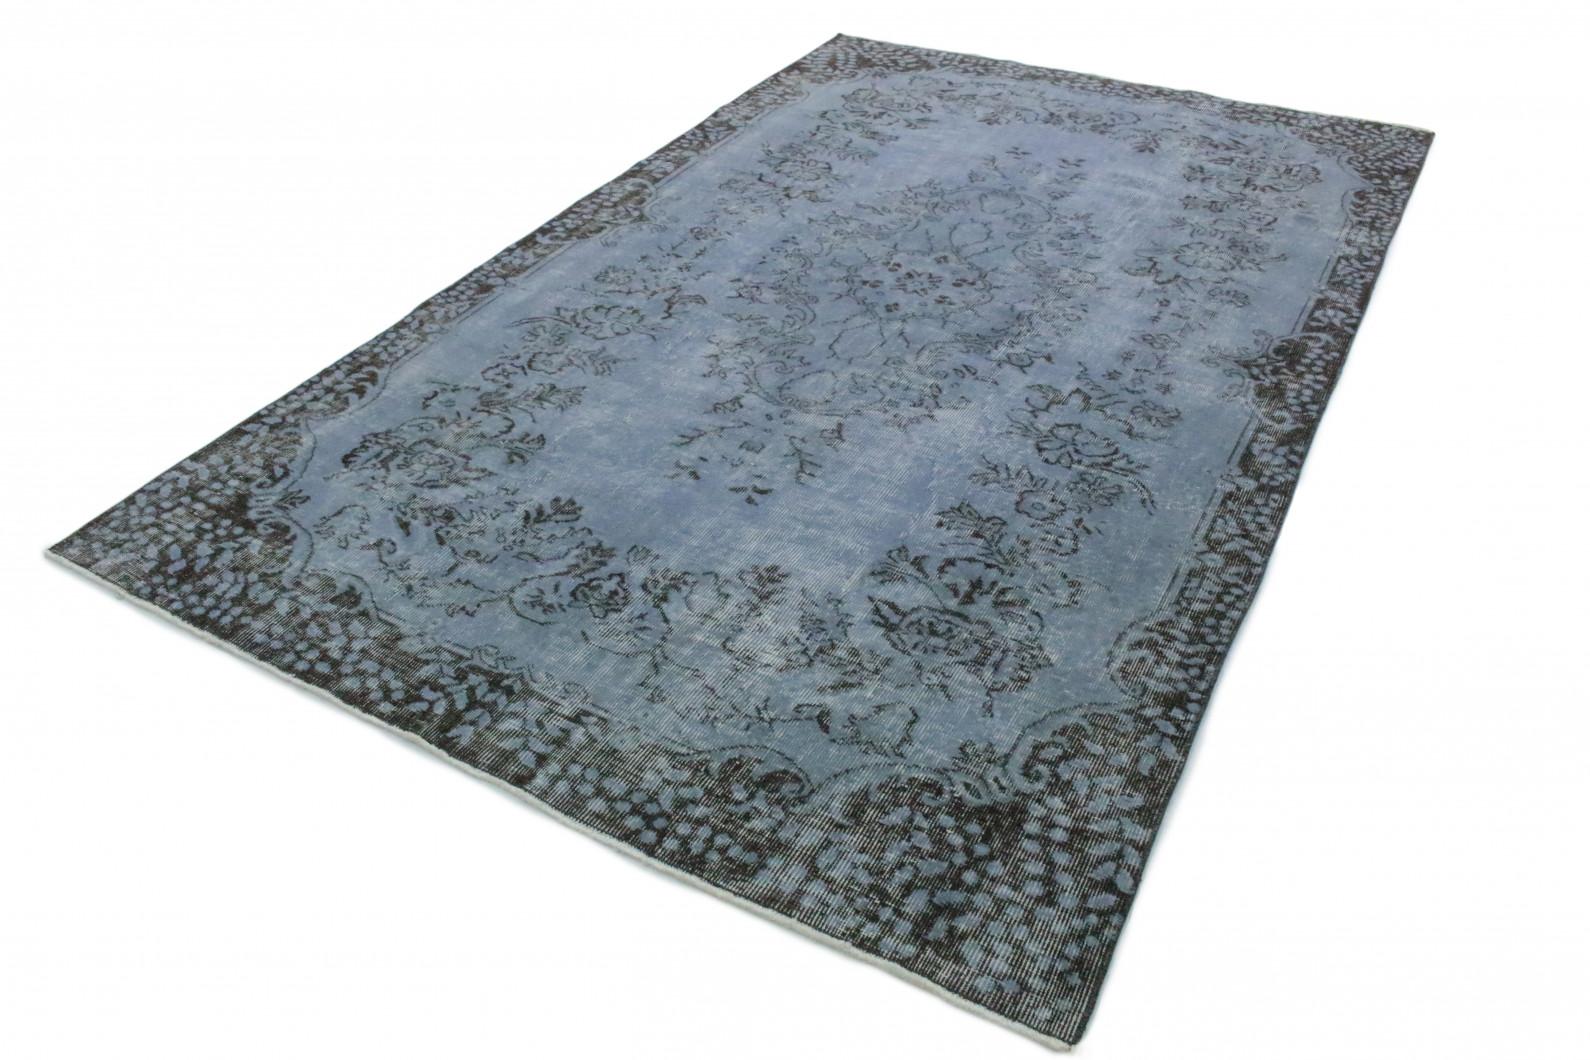 Vintage teppich blau grau in  bei